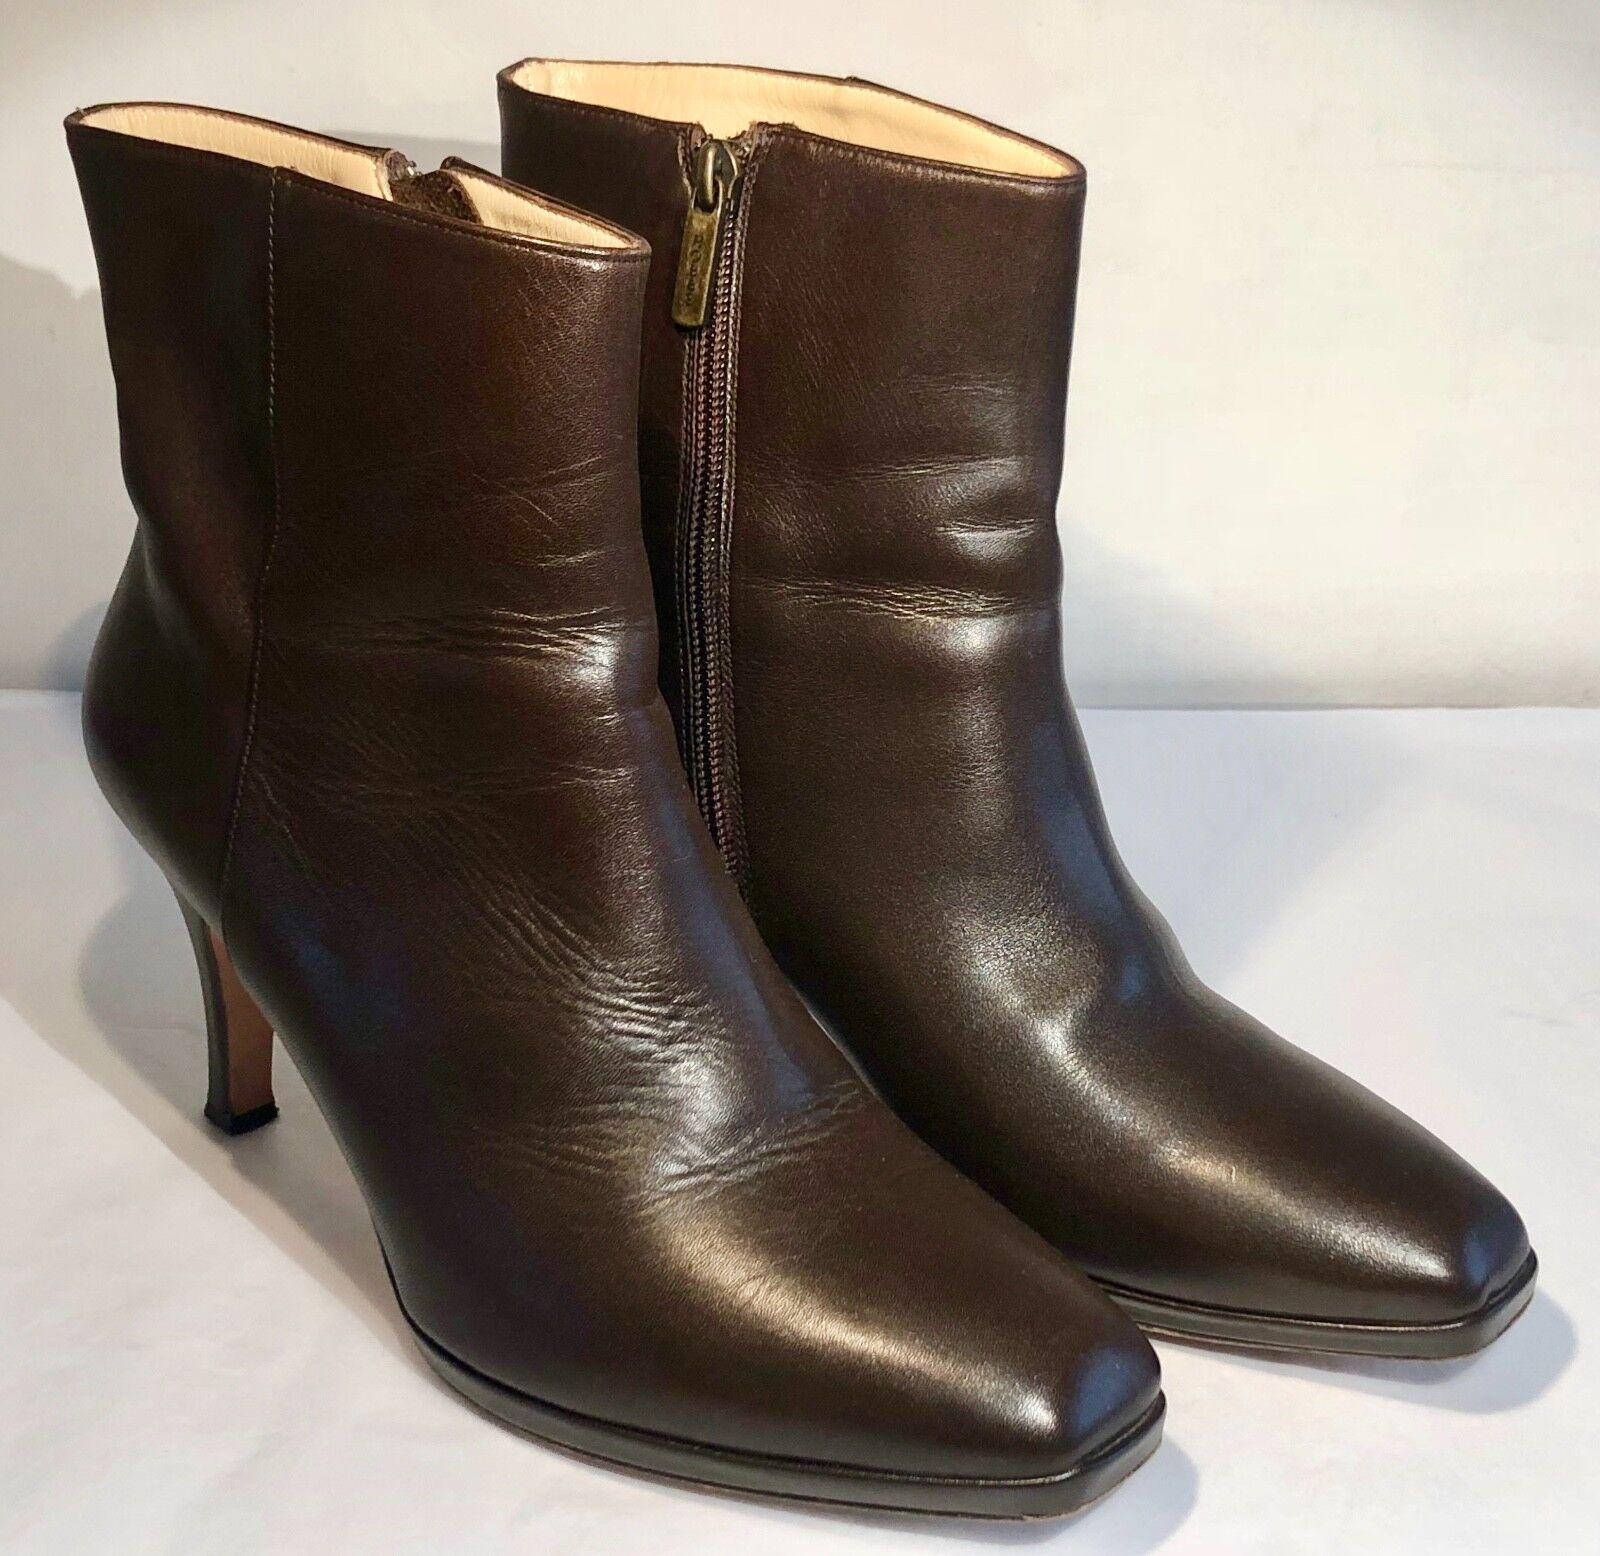 Hobbs Chocolate Marrón Cuero Tobillo botas Talla 41 41 Talla 7 pre Amado 8bff2a